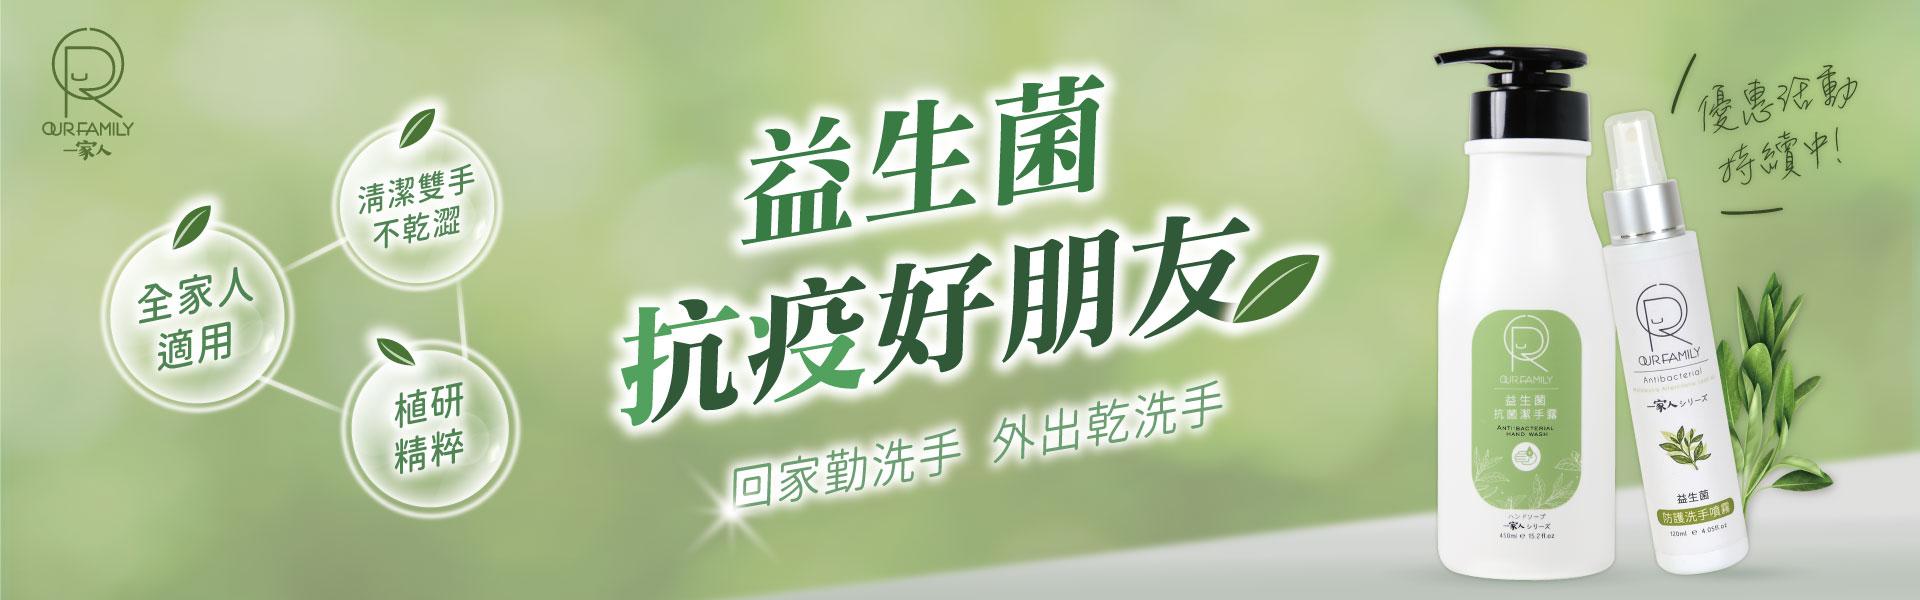 0528防疫-banner3